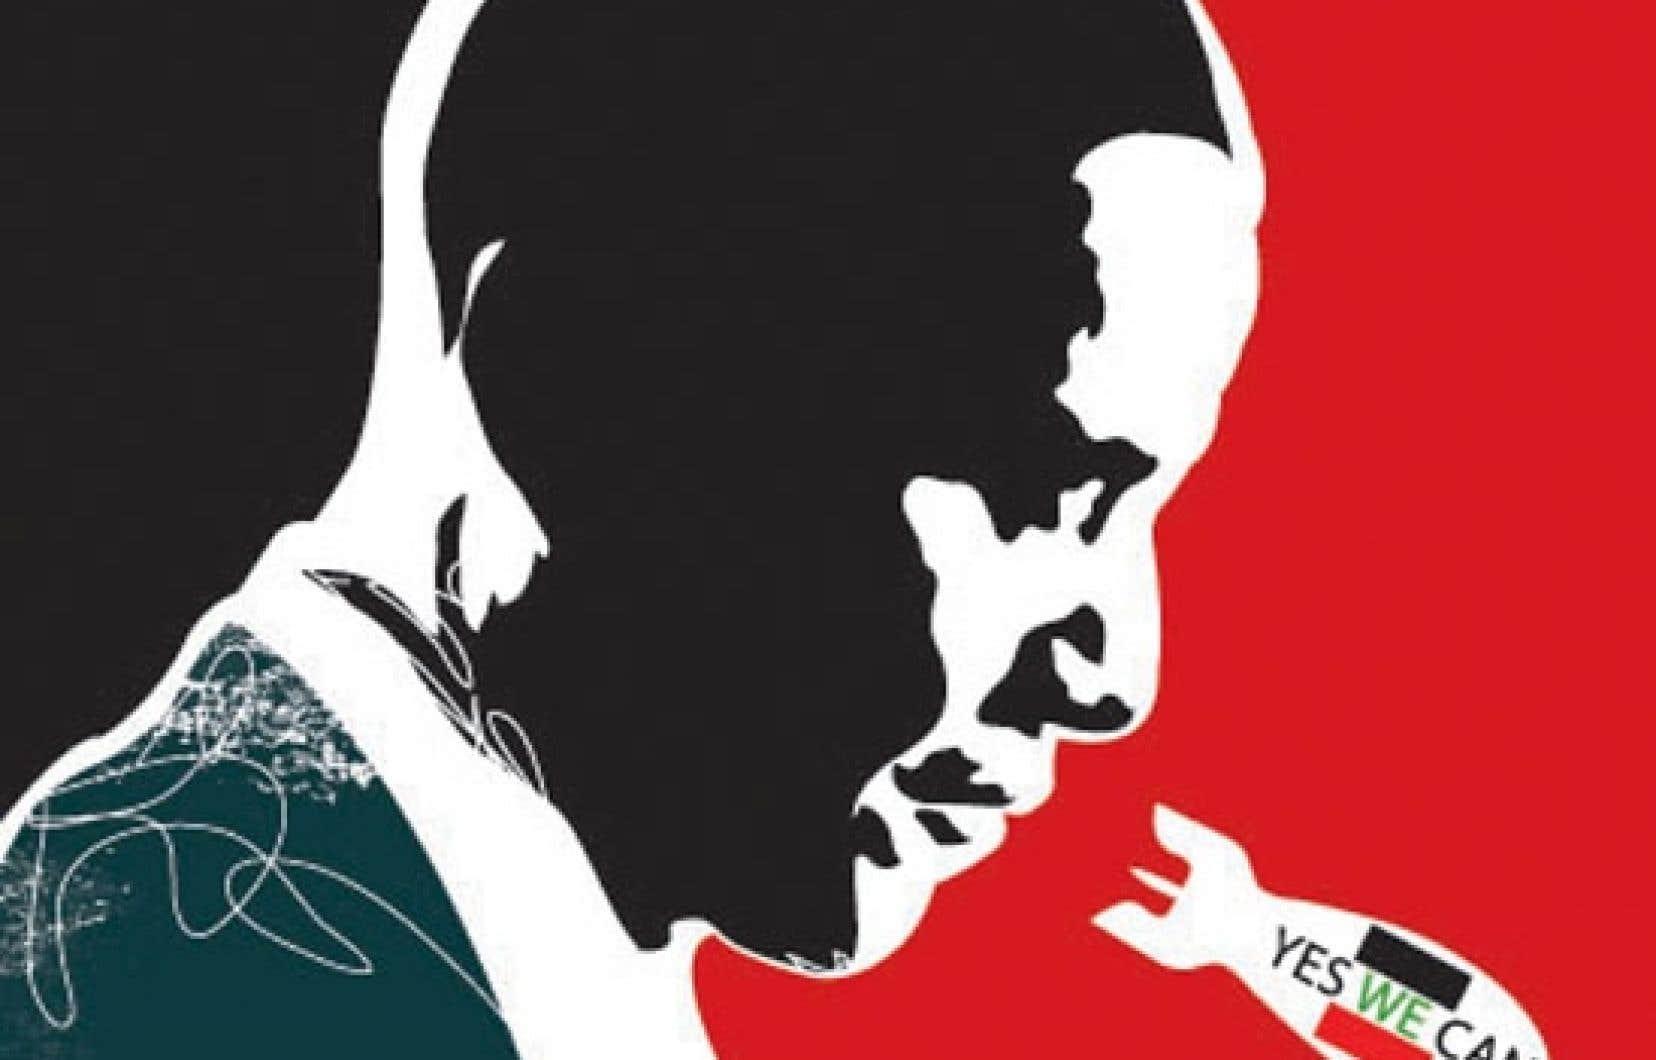 Le préseident Barack Obama a reçu l'appui mardi du président républicain de la Chambre des représentants, John Boehner.